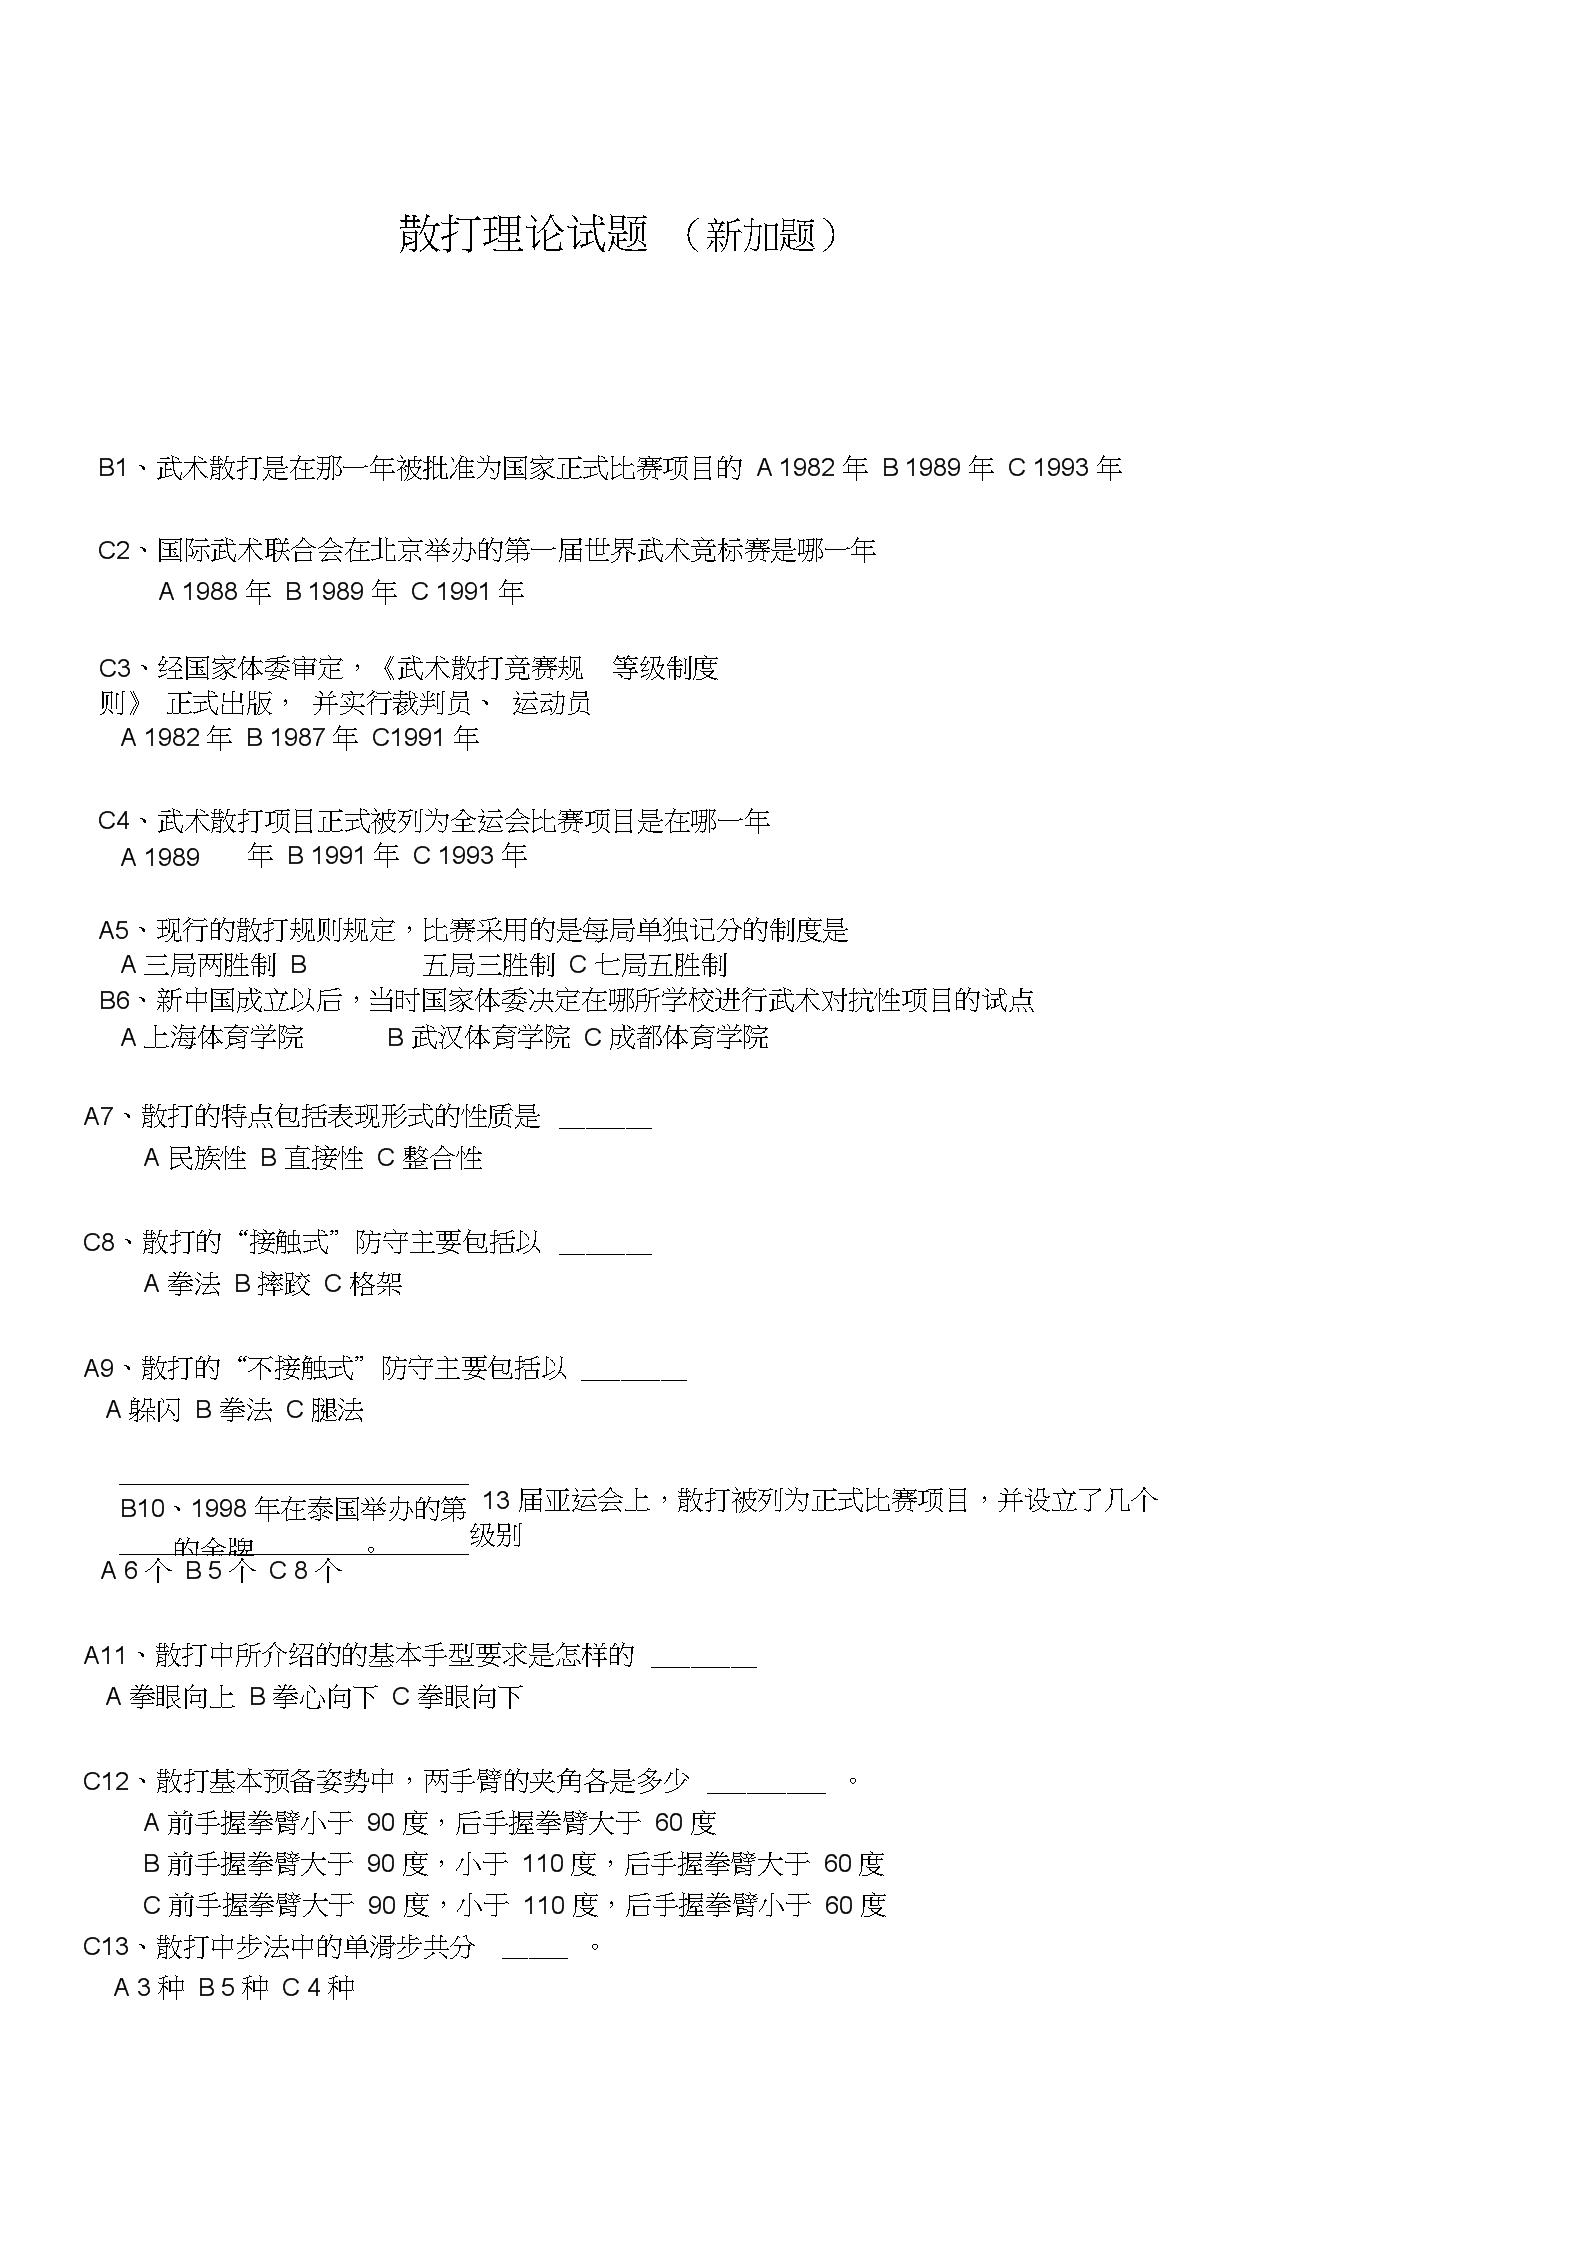 散打理论试题(新加题)王昆.docx